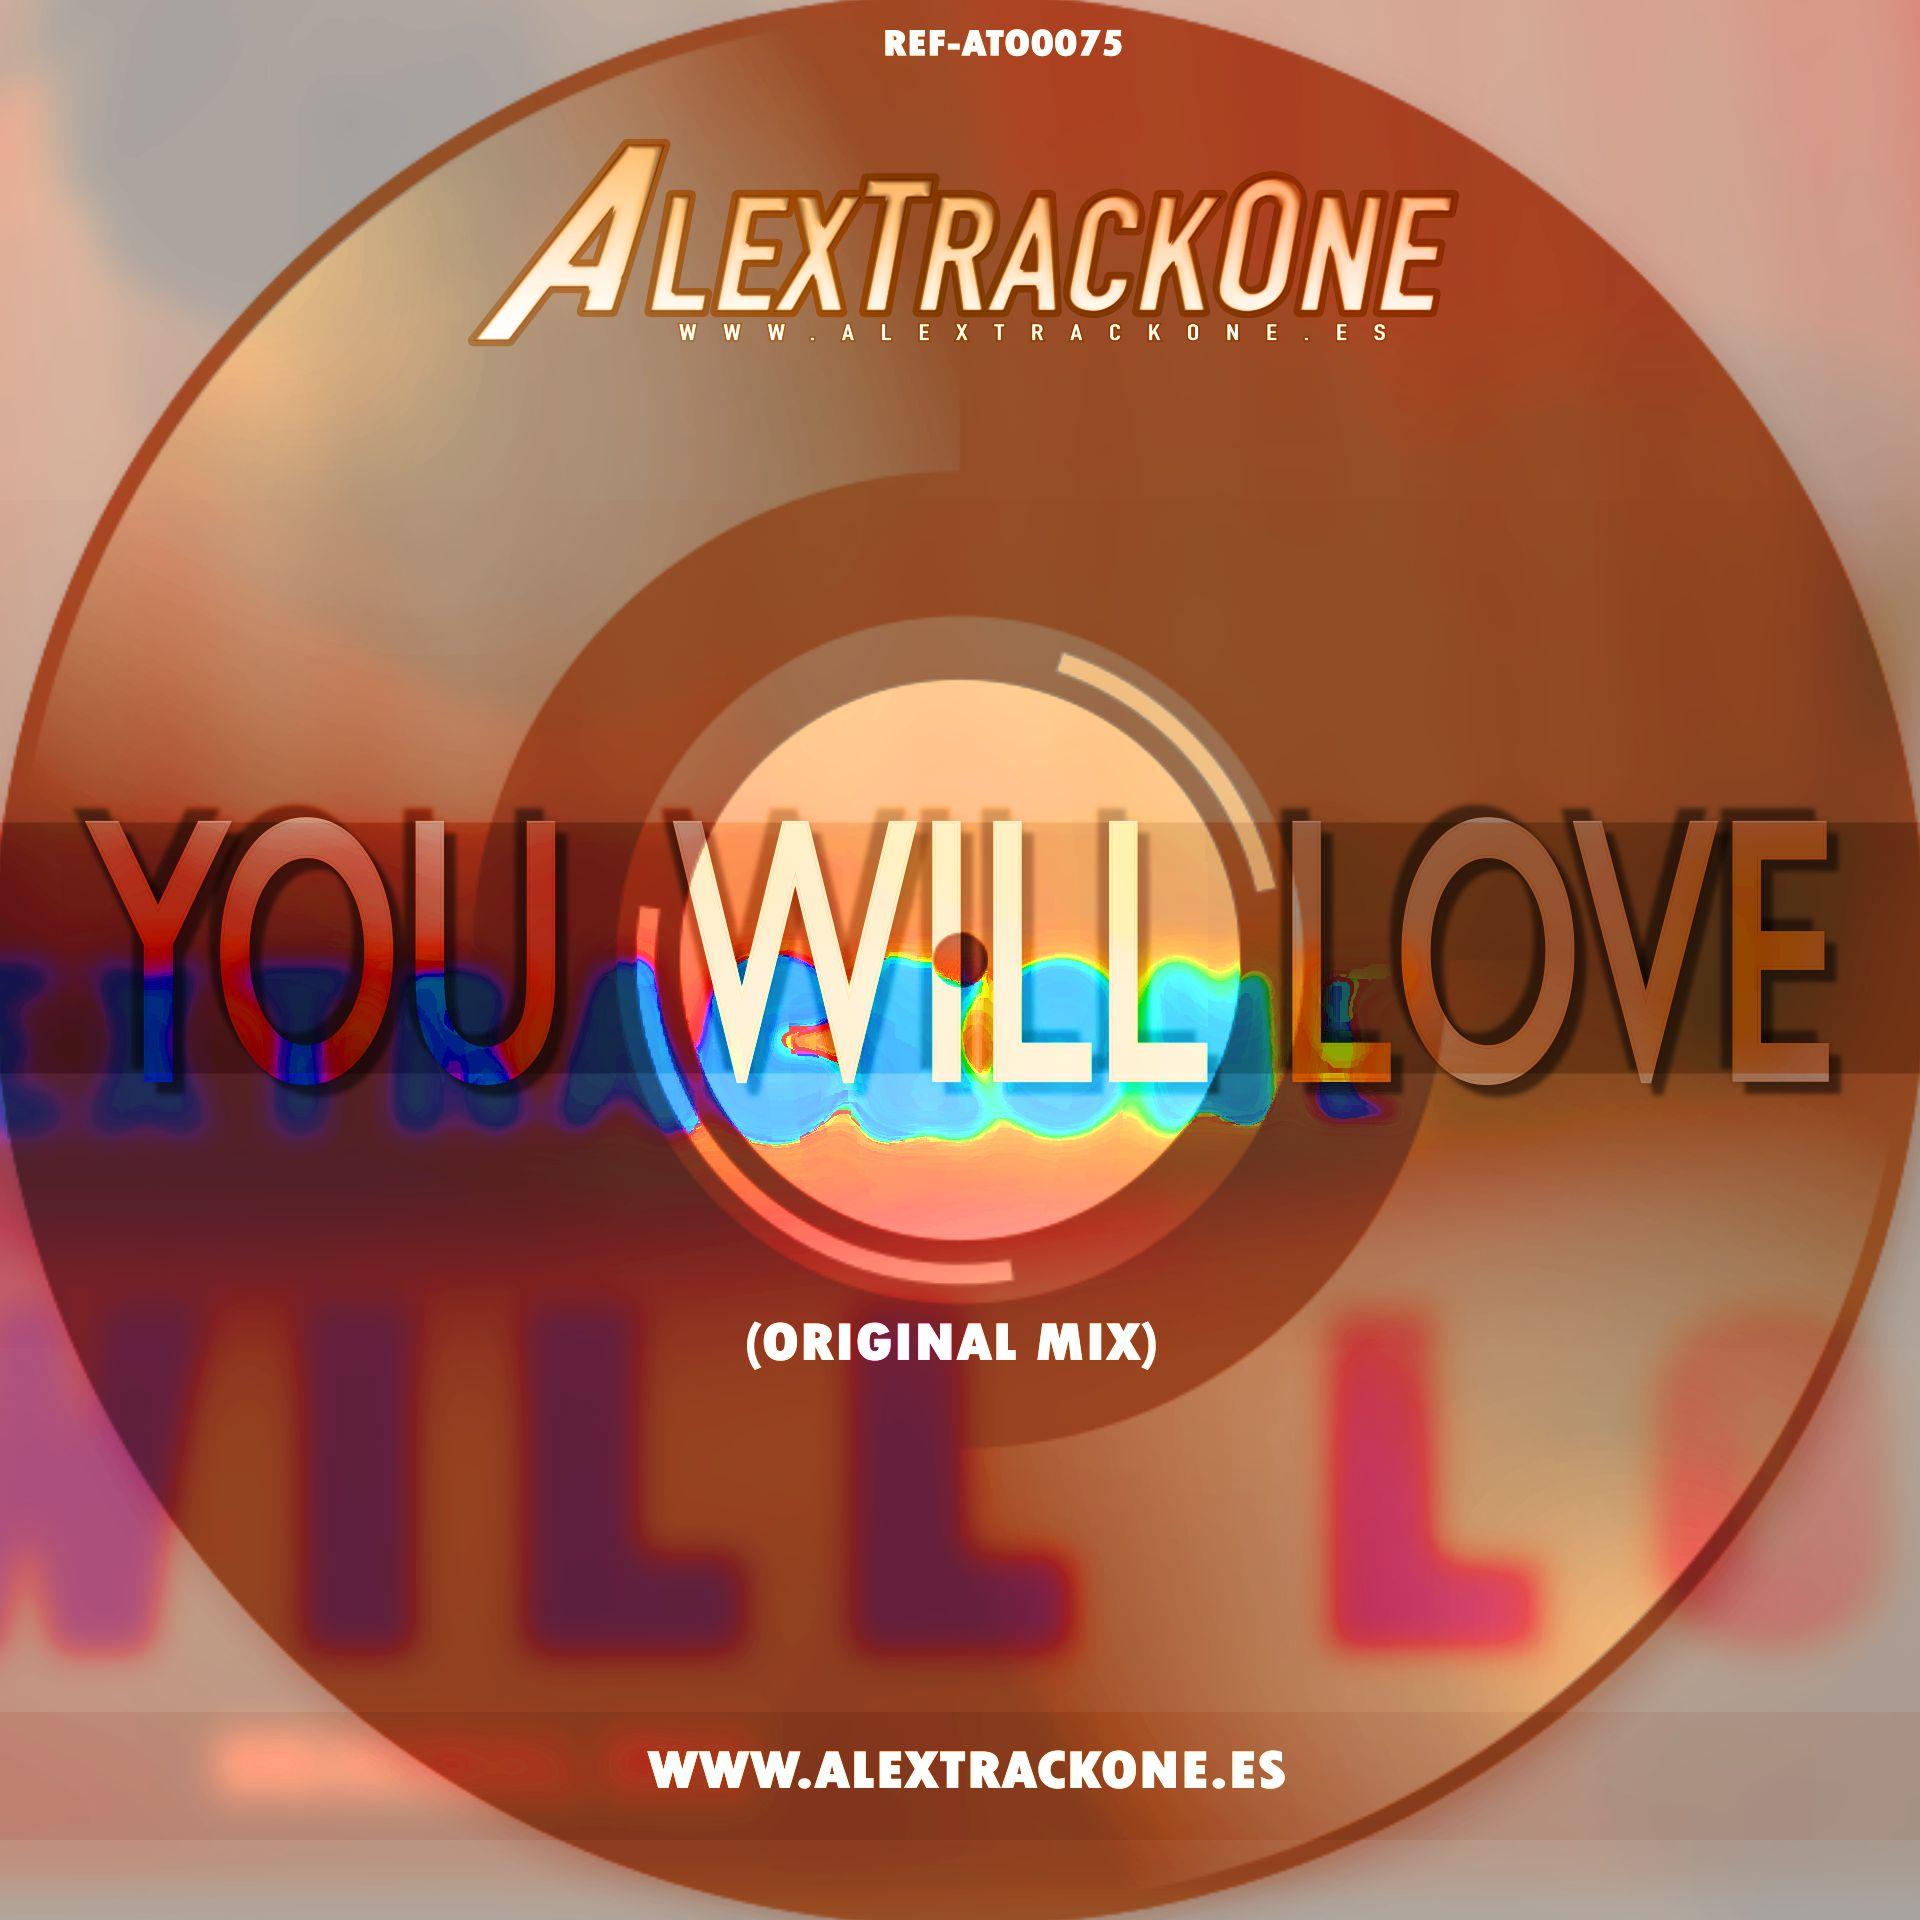 REF-ATO0075 YOU WILL LOVE (ORIGINAL MIX) (MP3 & WAV & FLAC)